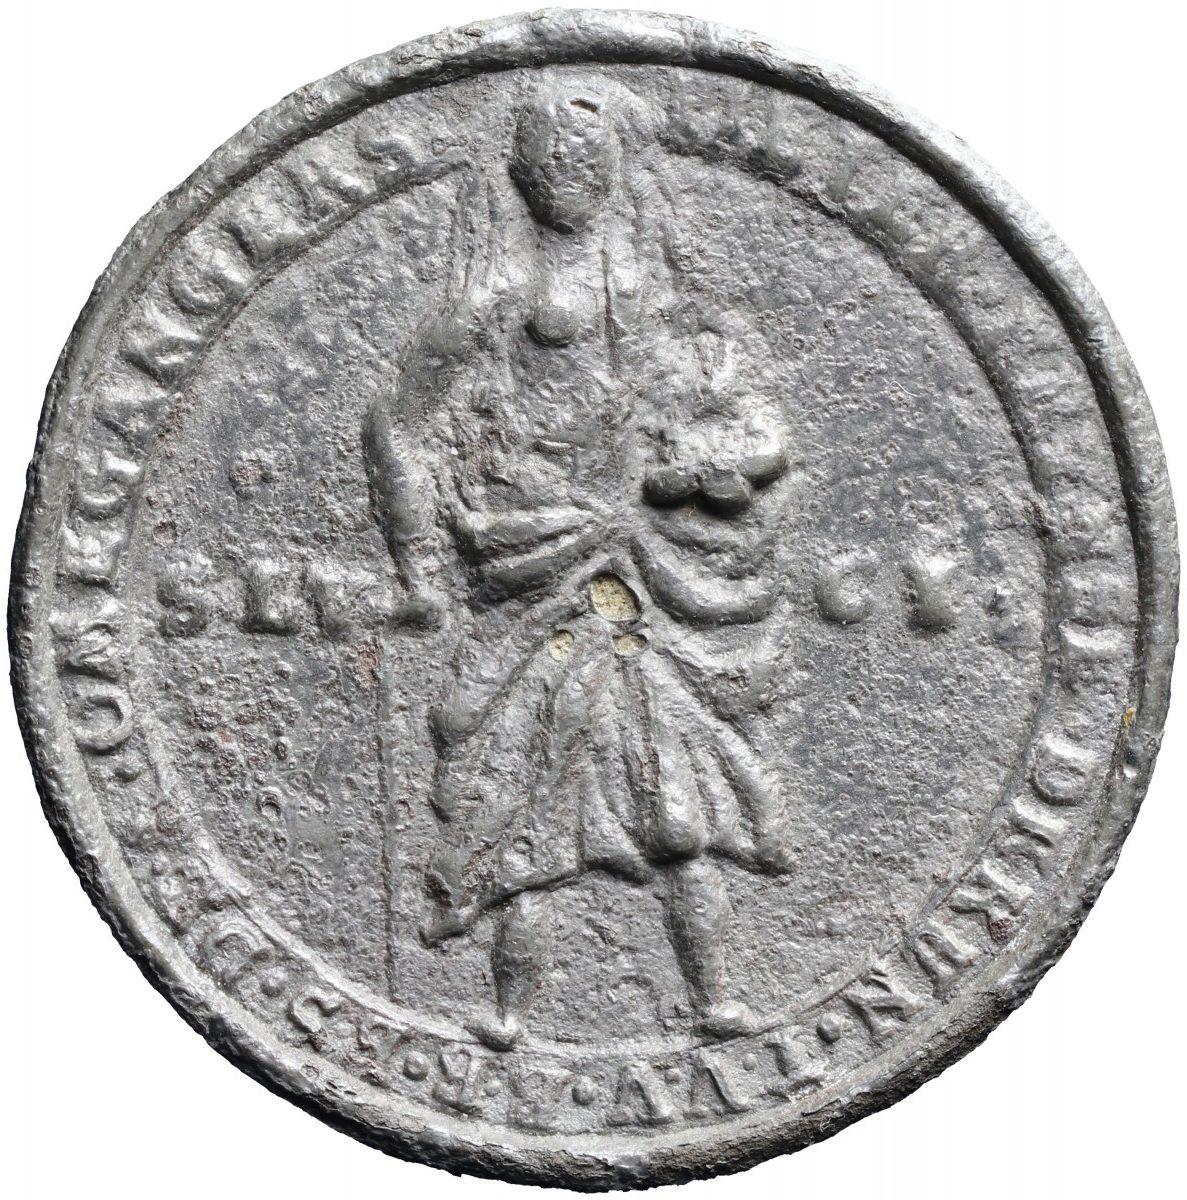 Tinnen Penning Van Het Sint Luciagilde, Zierikzee 1691 (keerzijde) Nationale Numismatische Collectie, Amsterdam